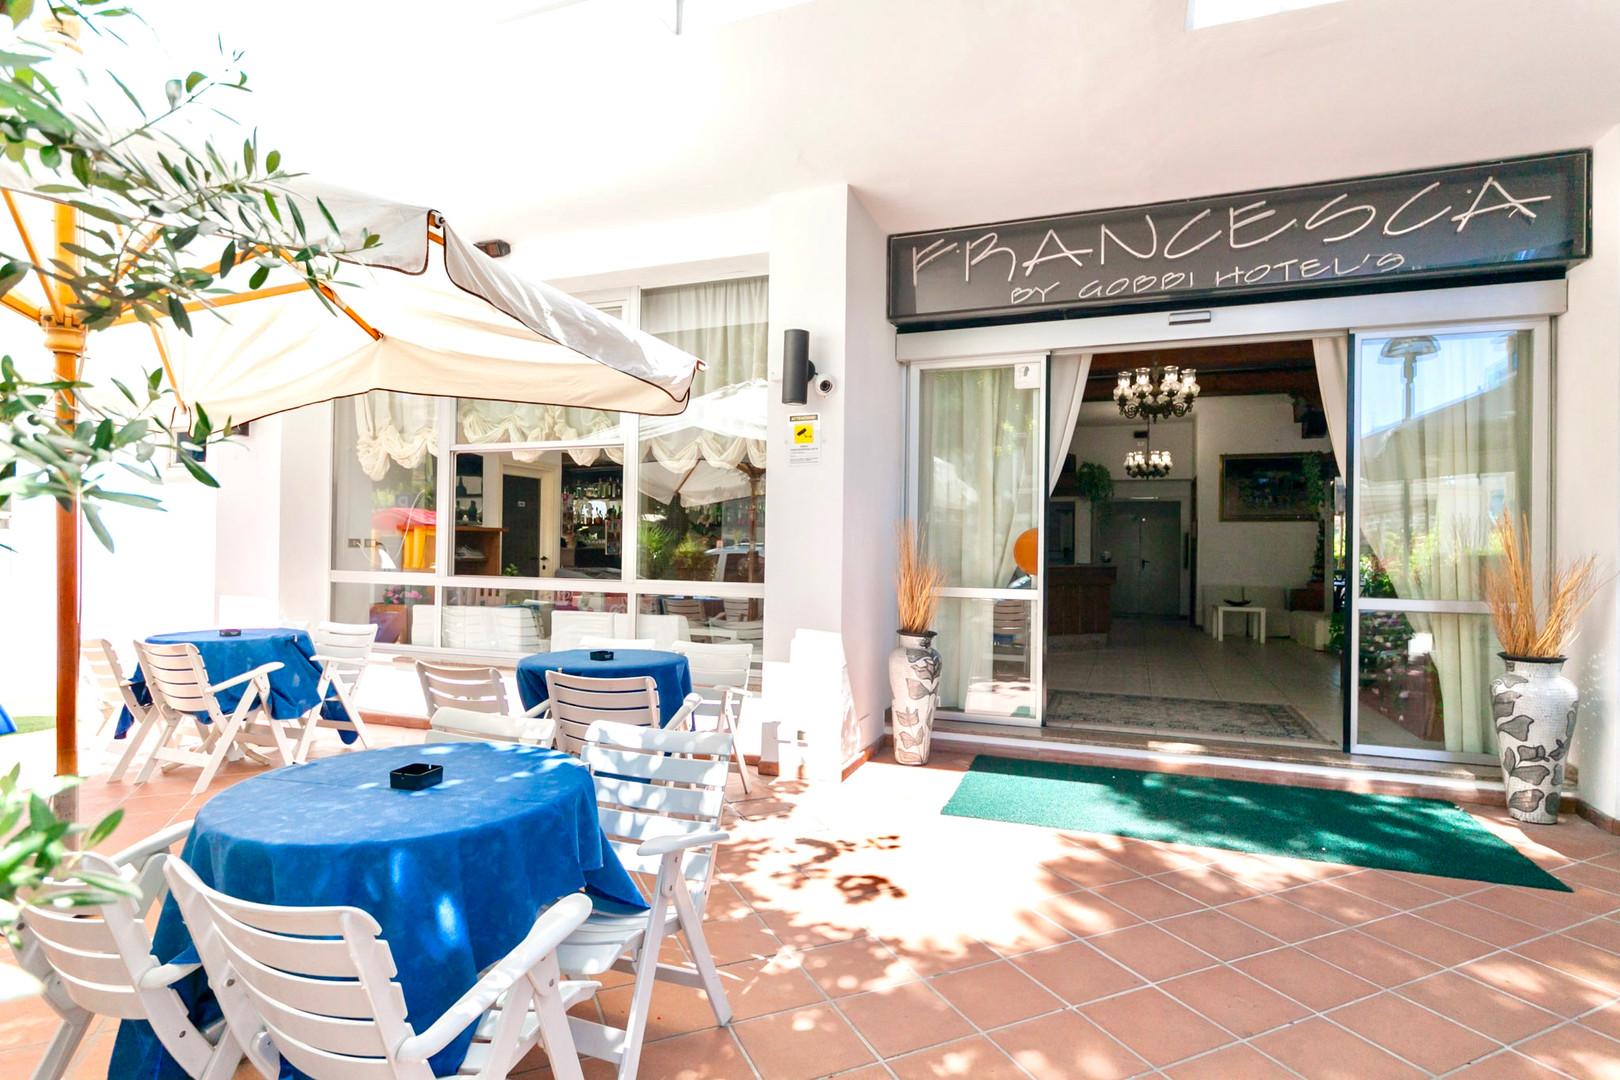 HOTEL FRANCESCA GIORGIO GRANDE 2016 _7.j